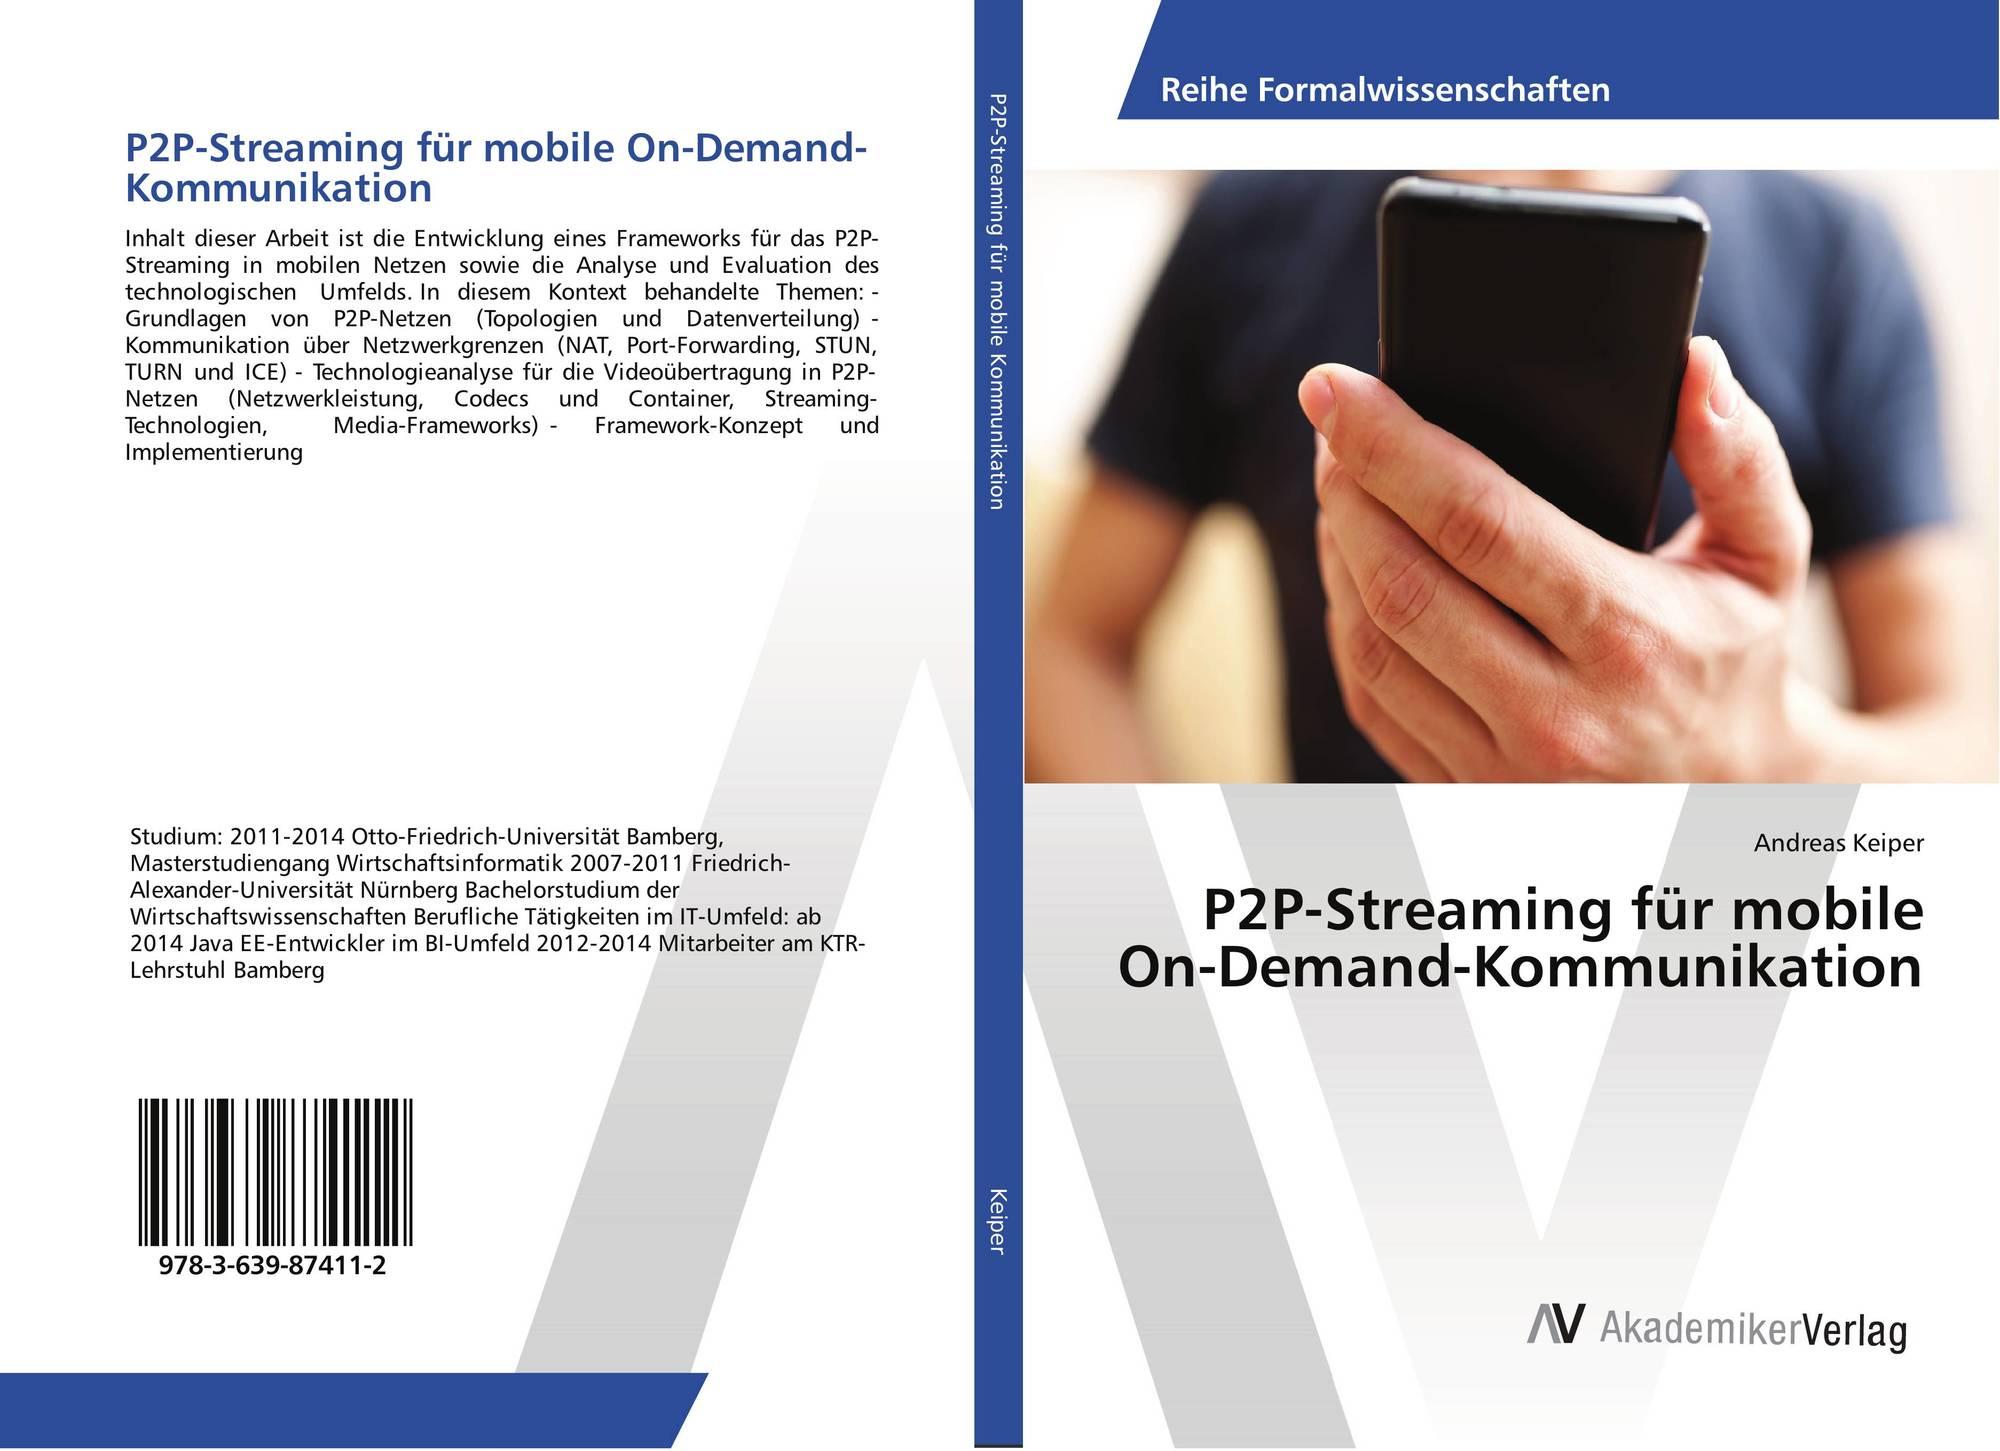 P2P-Streaming für mobile On-Demand-Kommunikation, 978-3-639